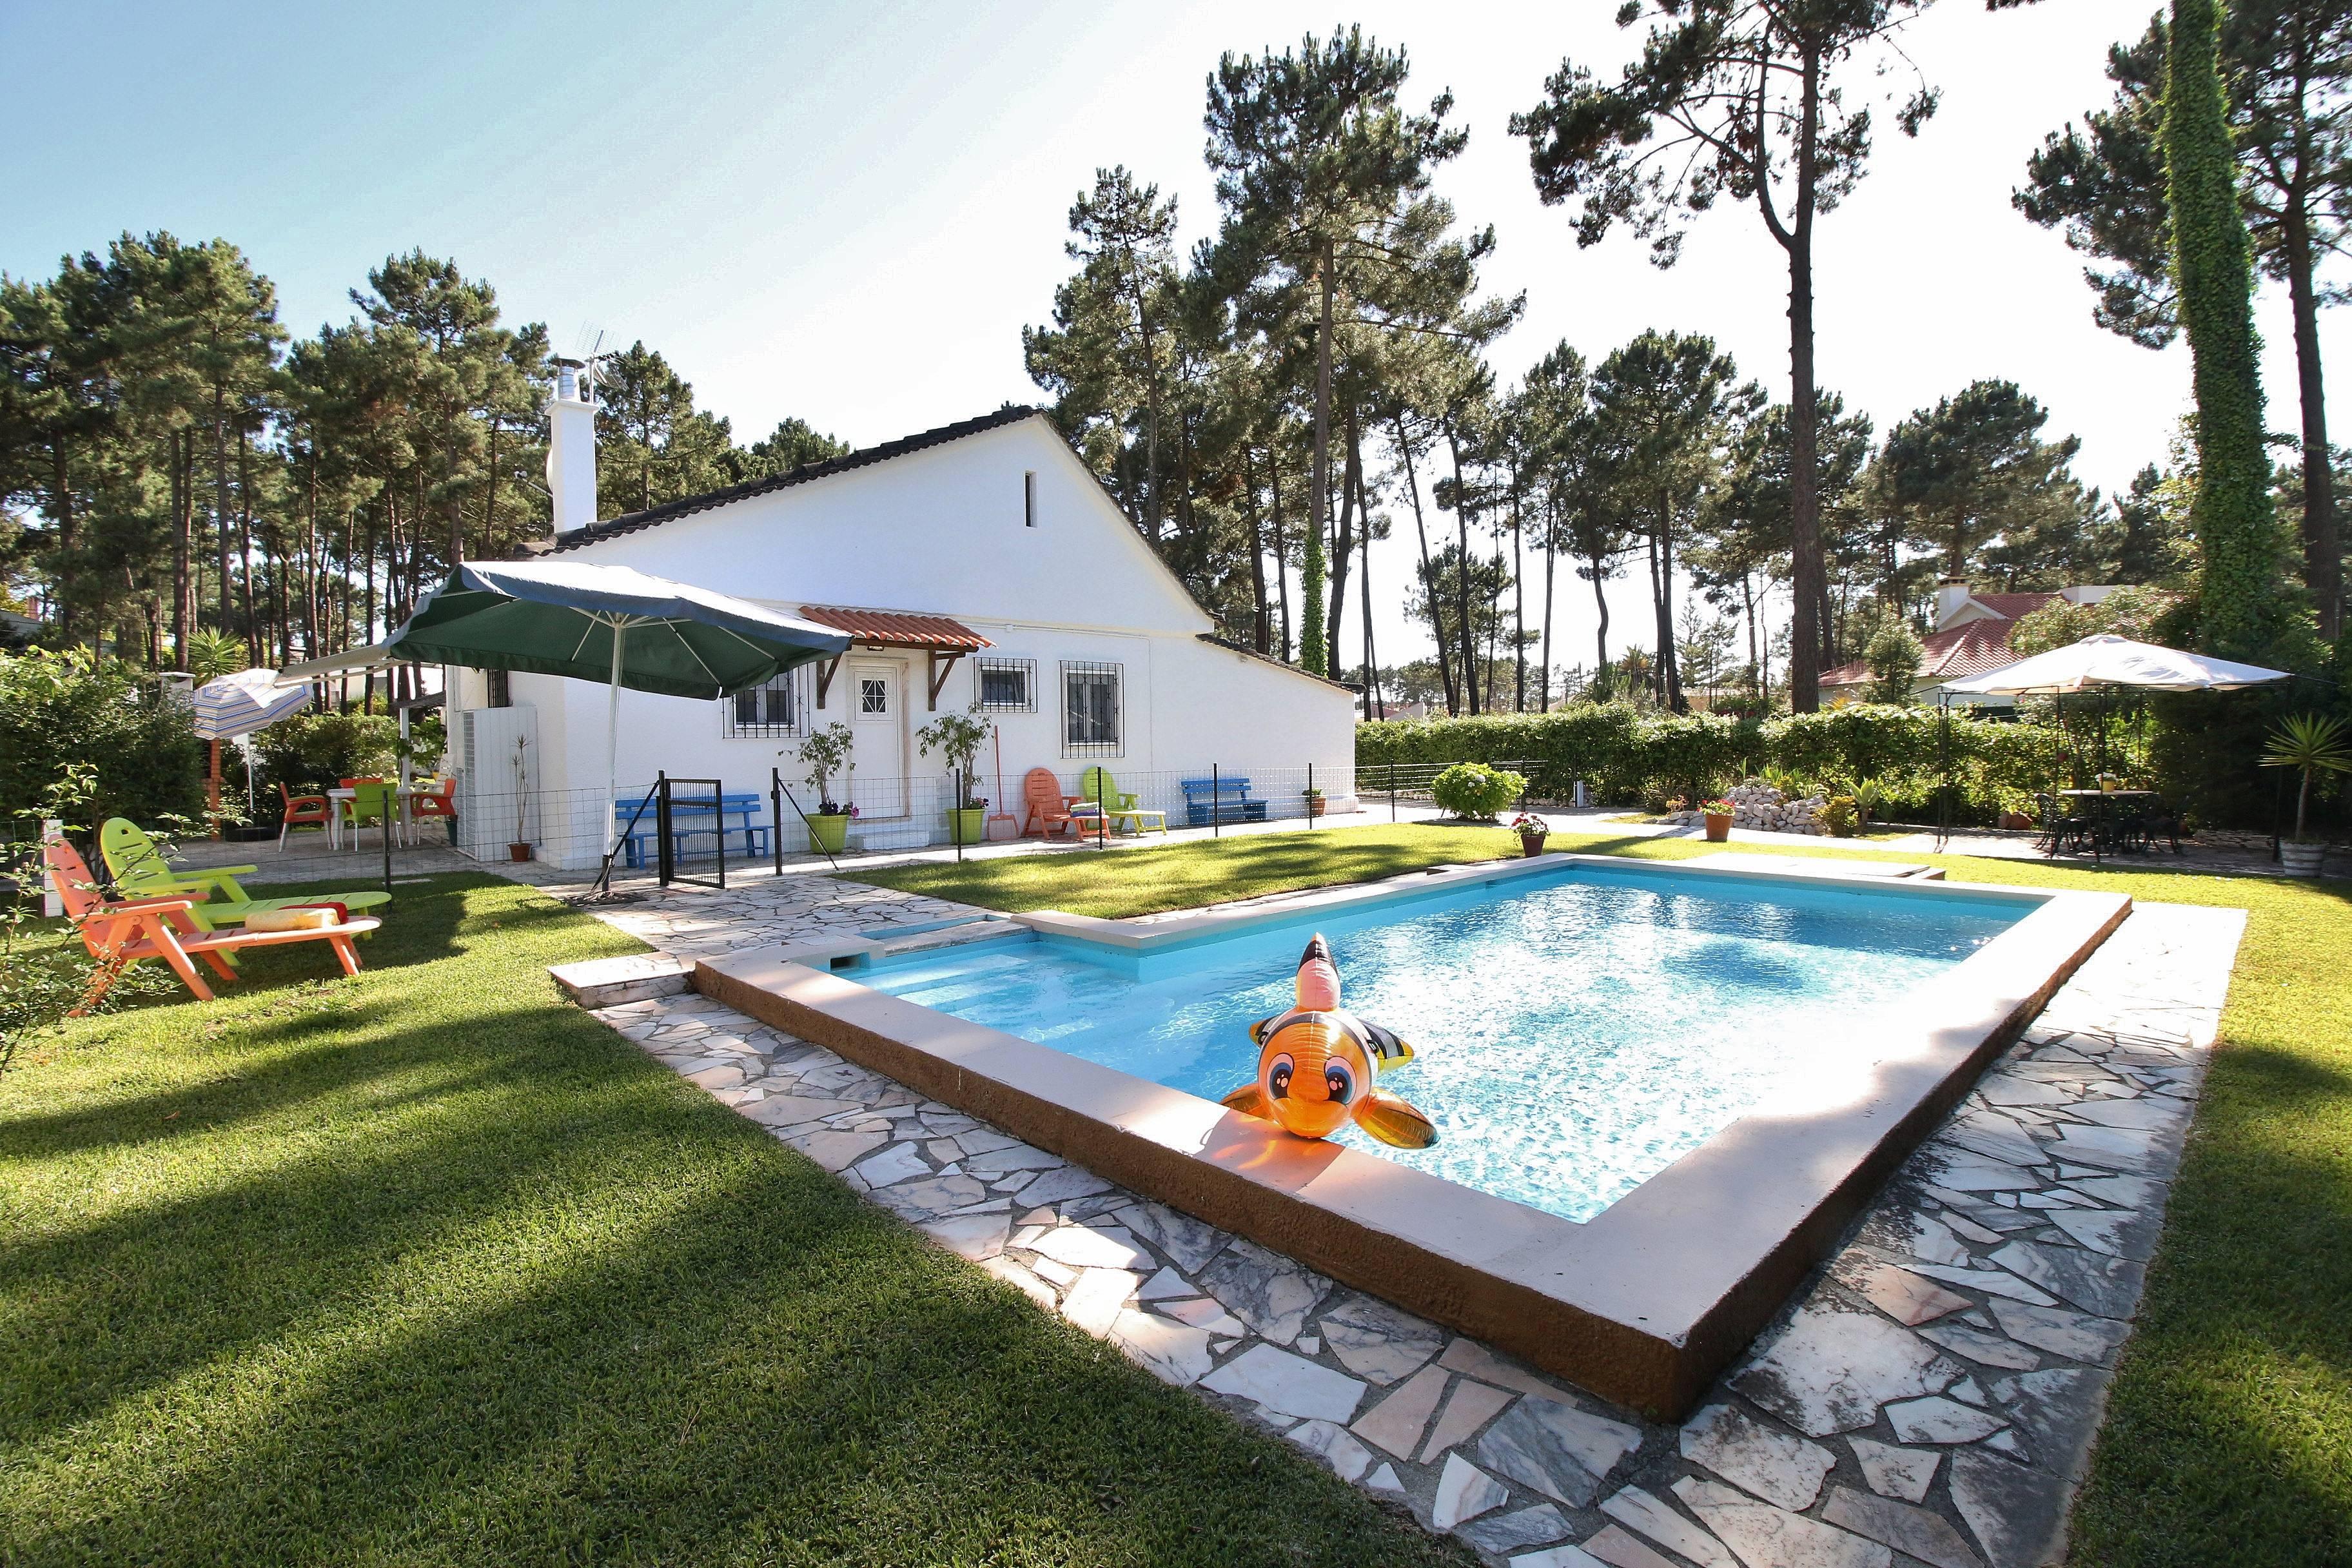 Proche de la plage lisbonne 20 km piscine seixal for Piscine lisbonne